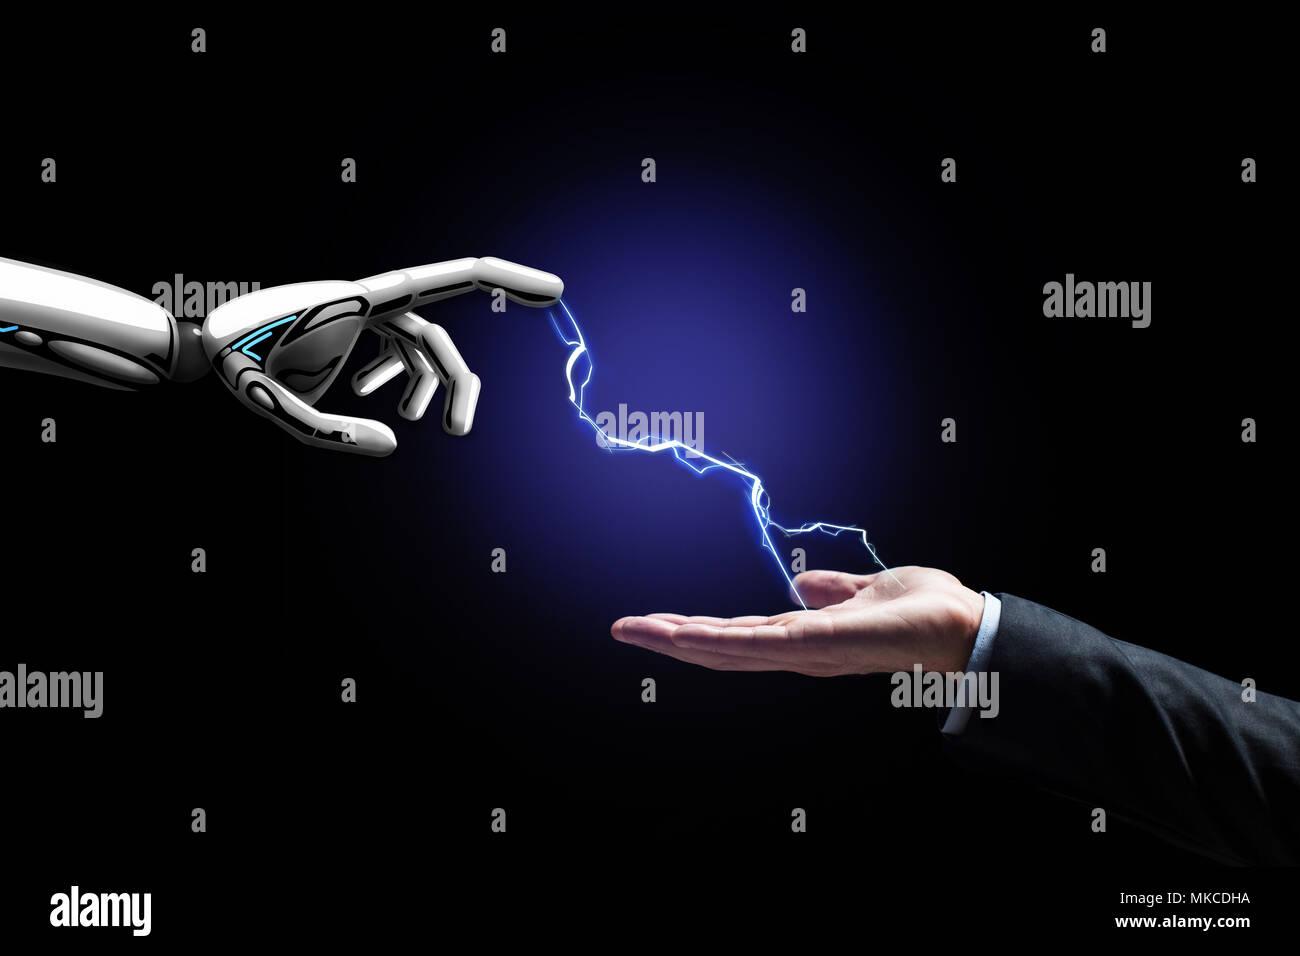 El robot y la mano humana conectados por un rayo Imagen De Stock